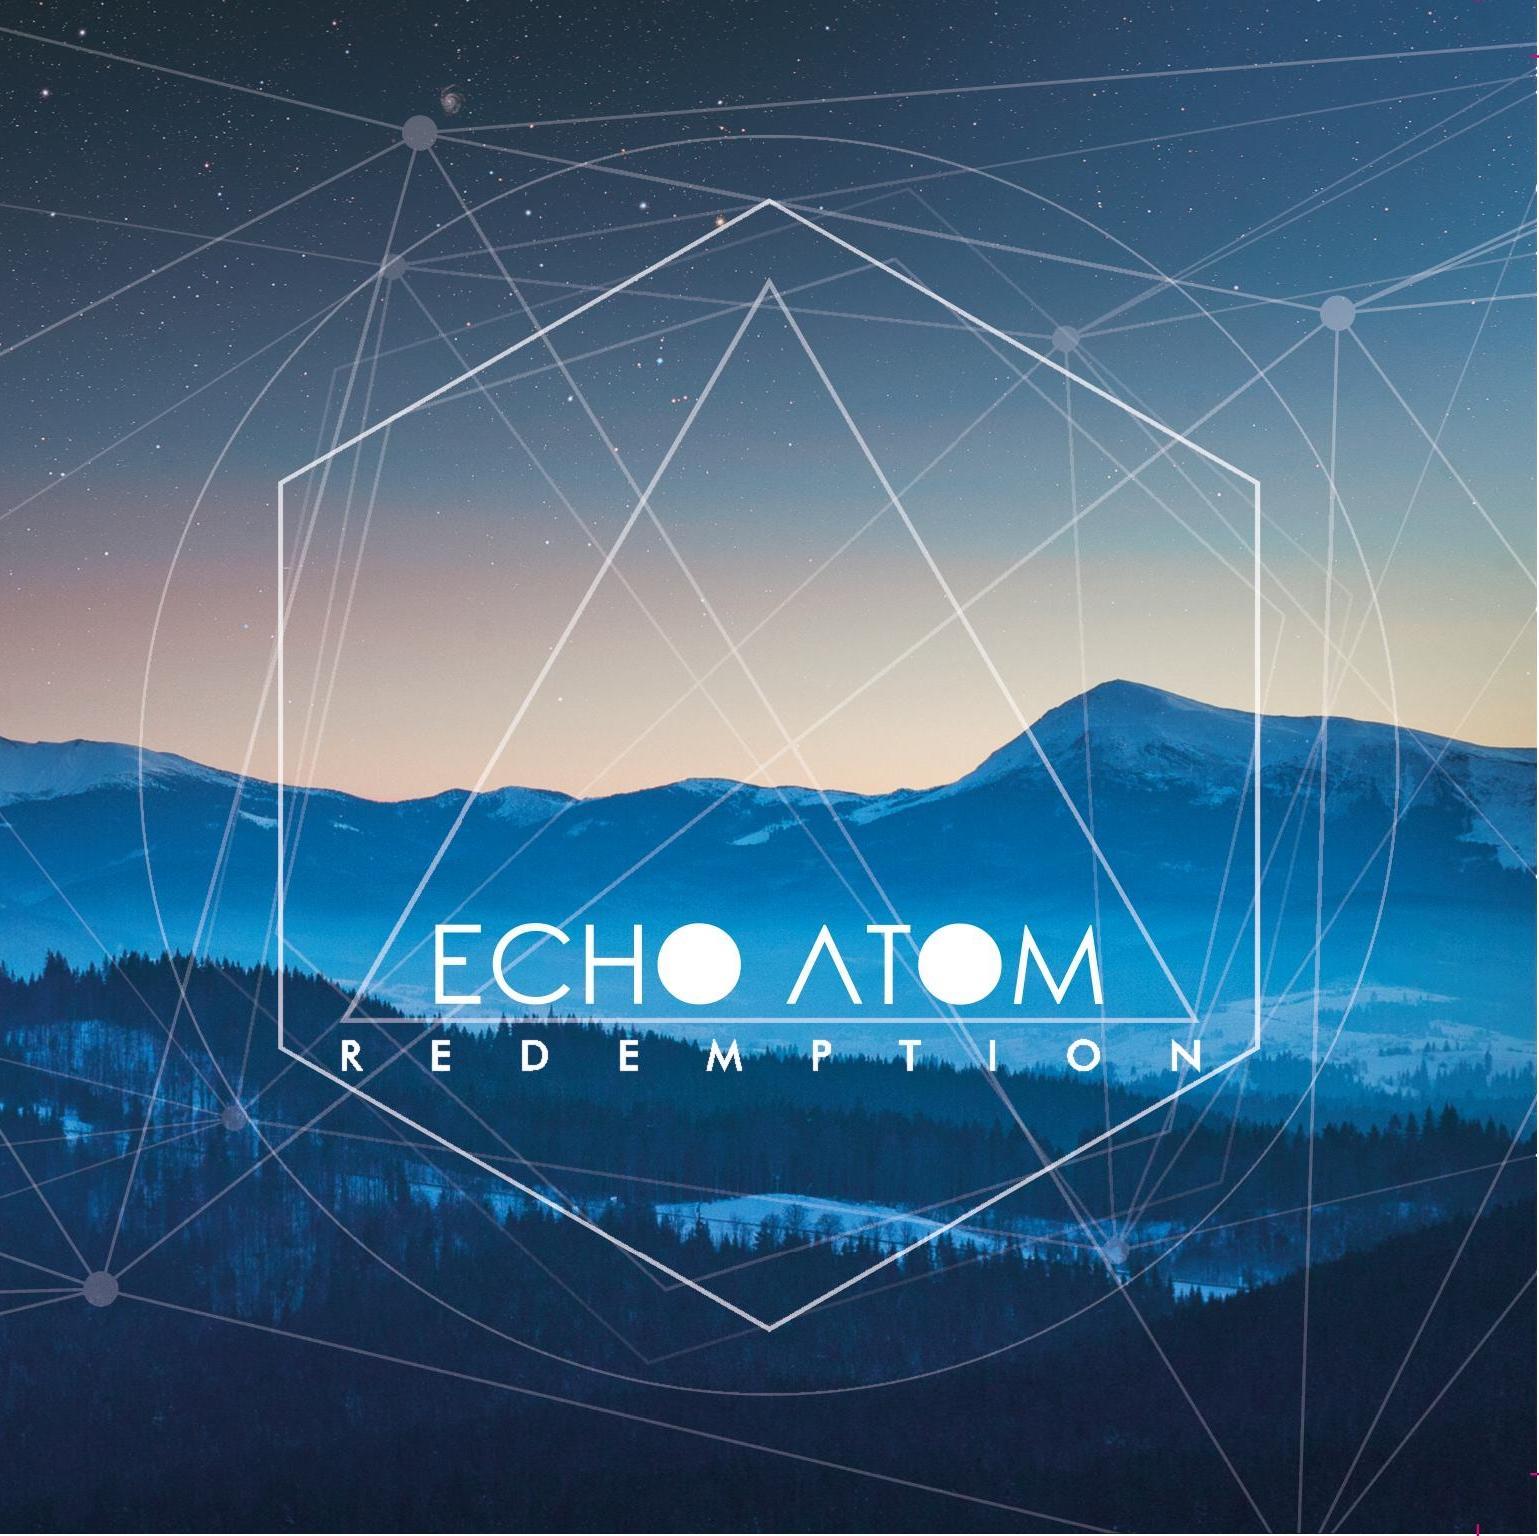 Risultati immagini per echo atom